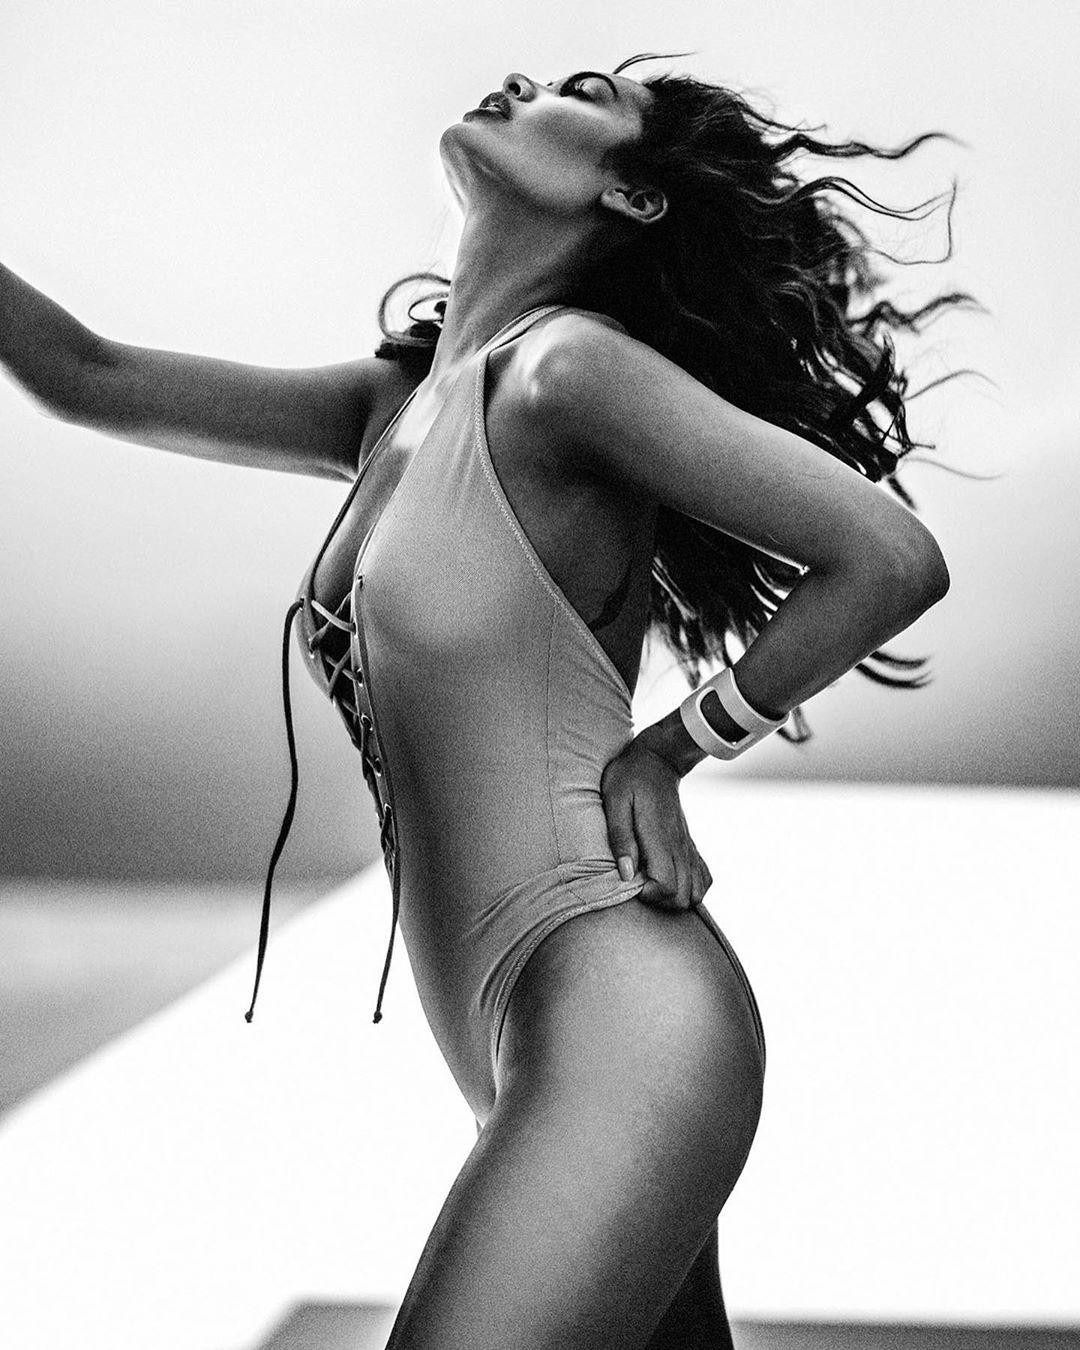 HOT! सेक्सी-विंटेज स्विमसूट में ईशा गुप्ता के बोल्ड अंदाज ने फ़िर बढ़ाया तापमान